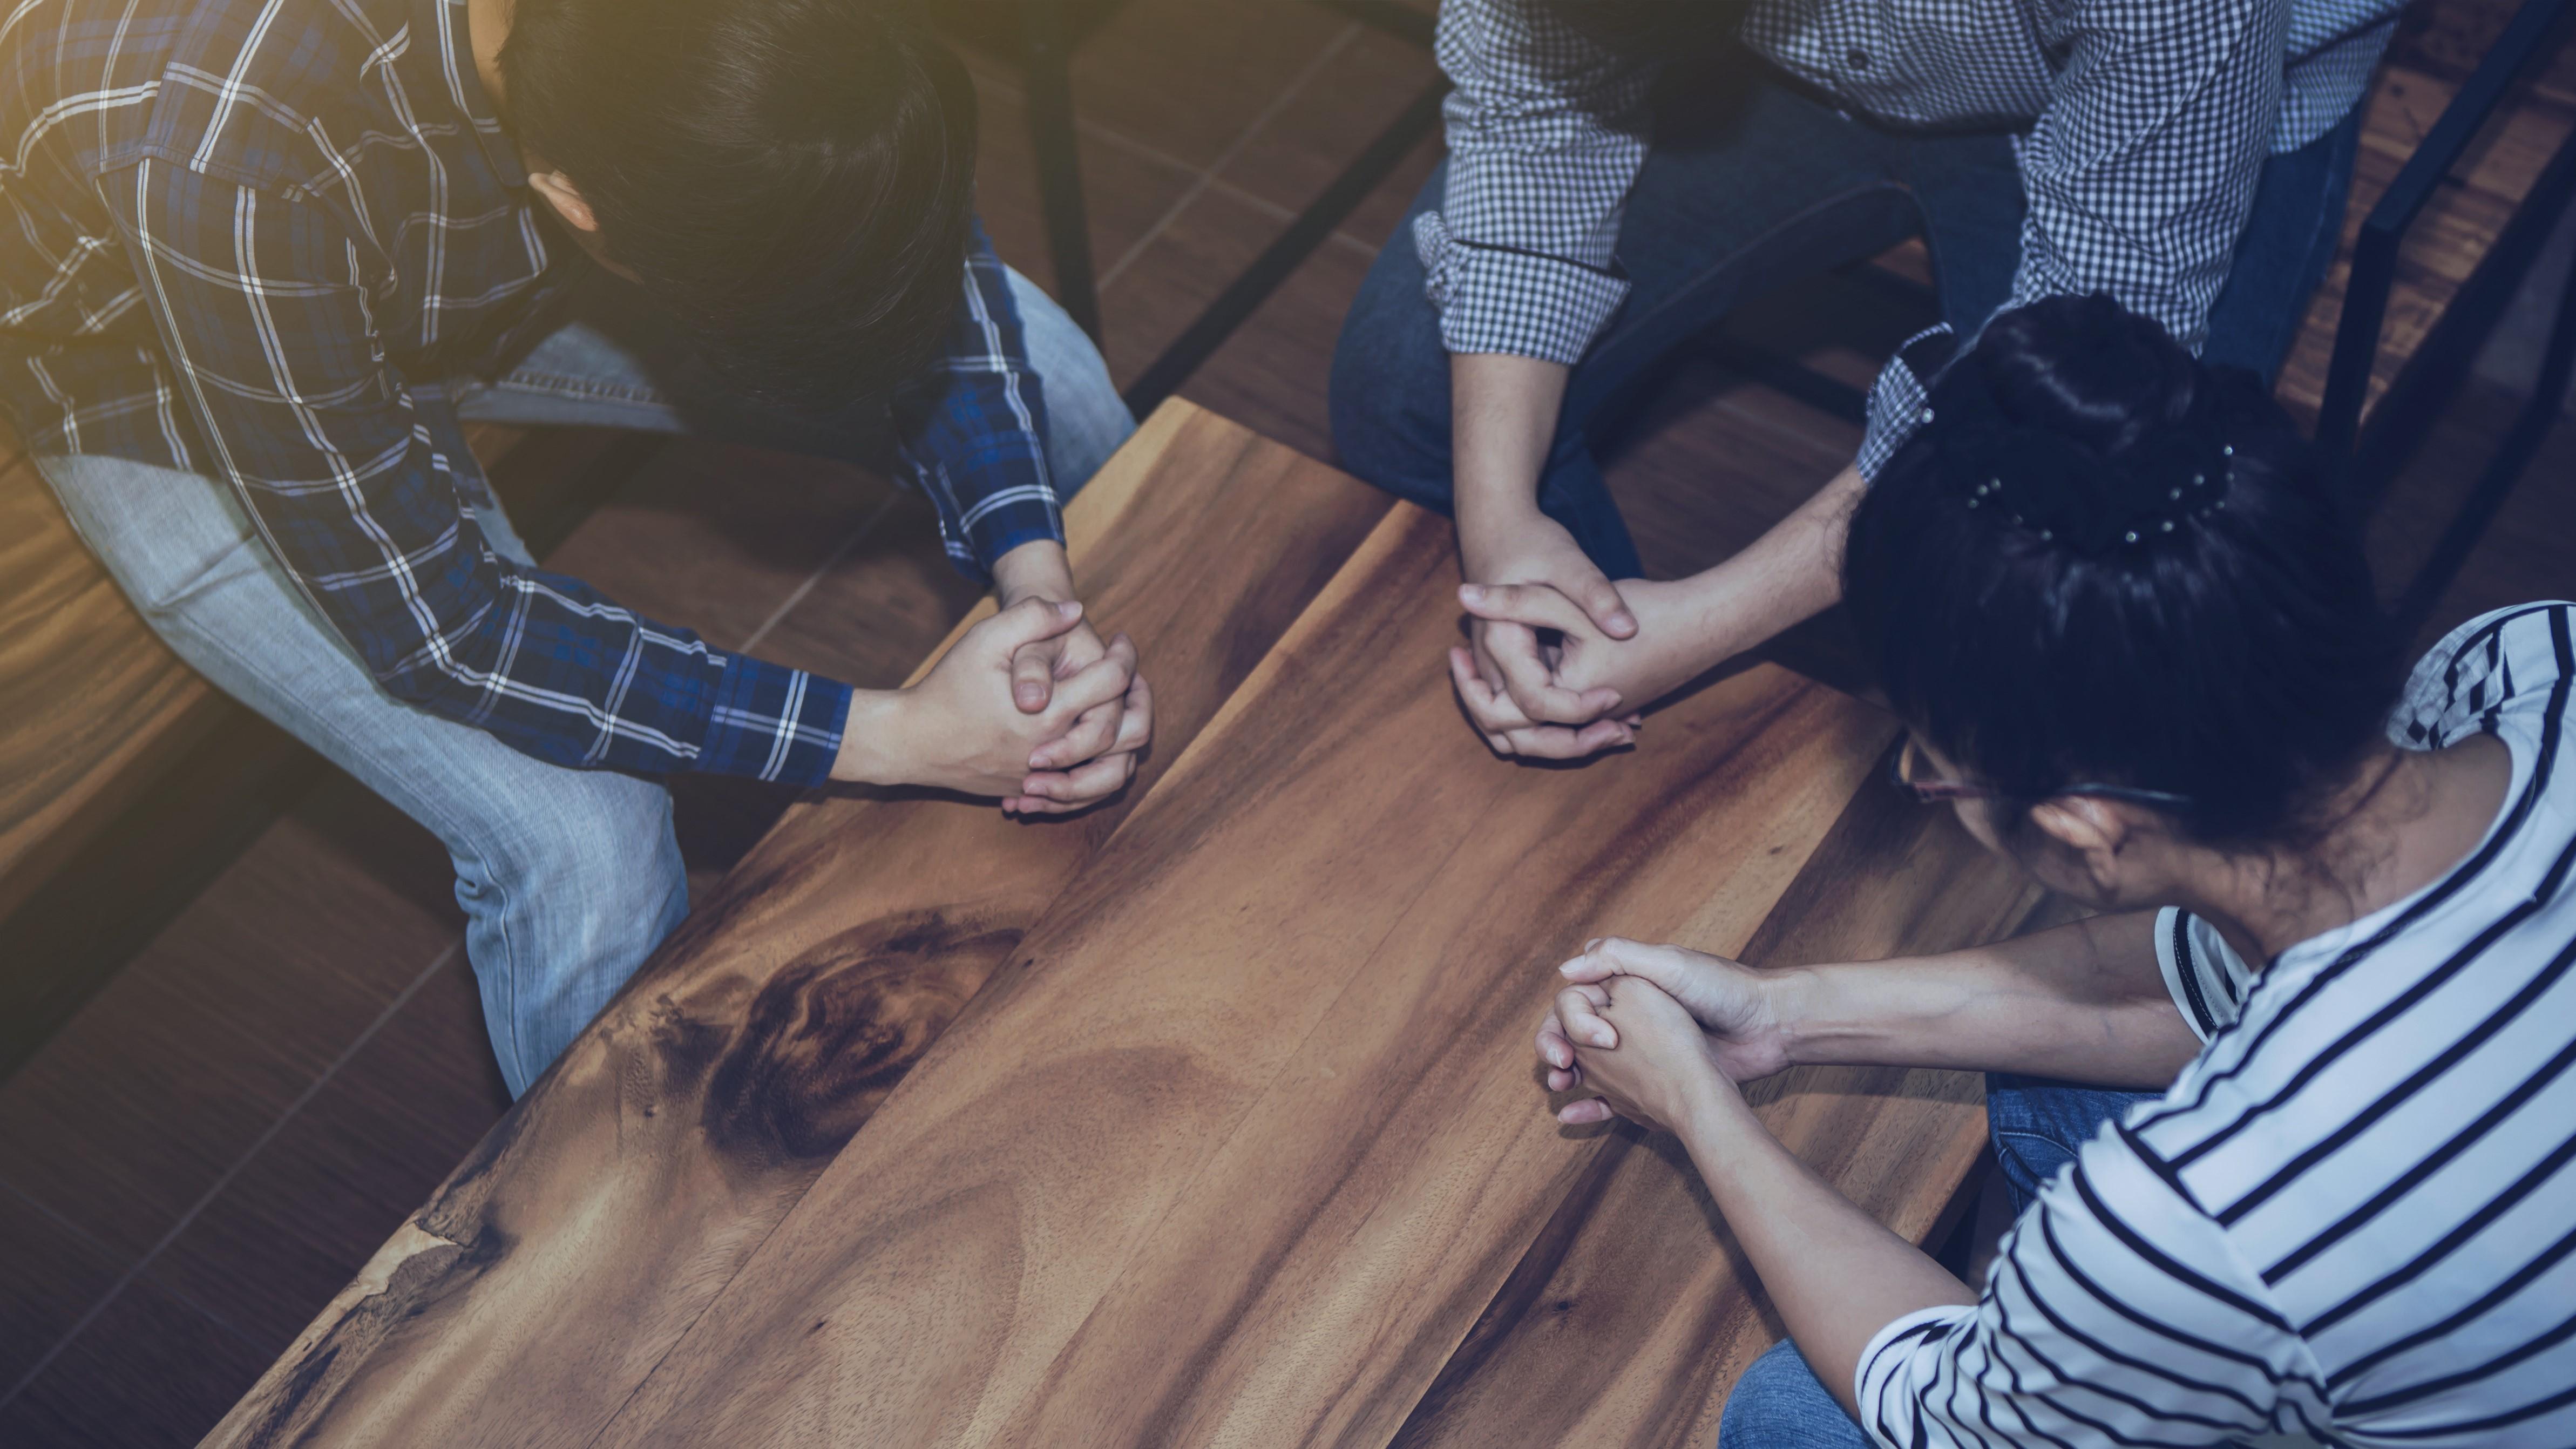 A Igreja fornece nossa conexão para experimentar e dar amor